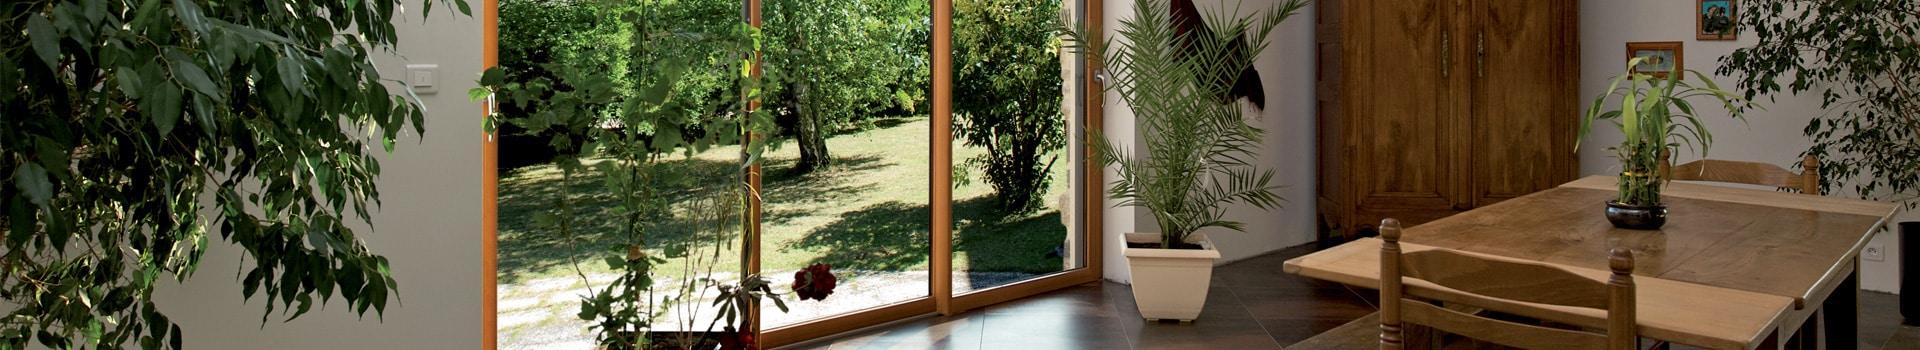 Fenêtre mixte aluminium / bois